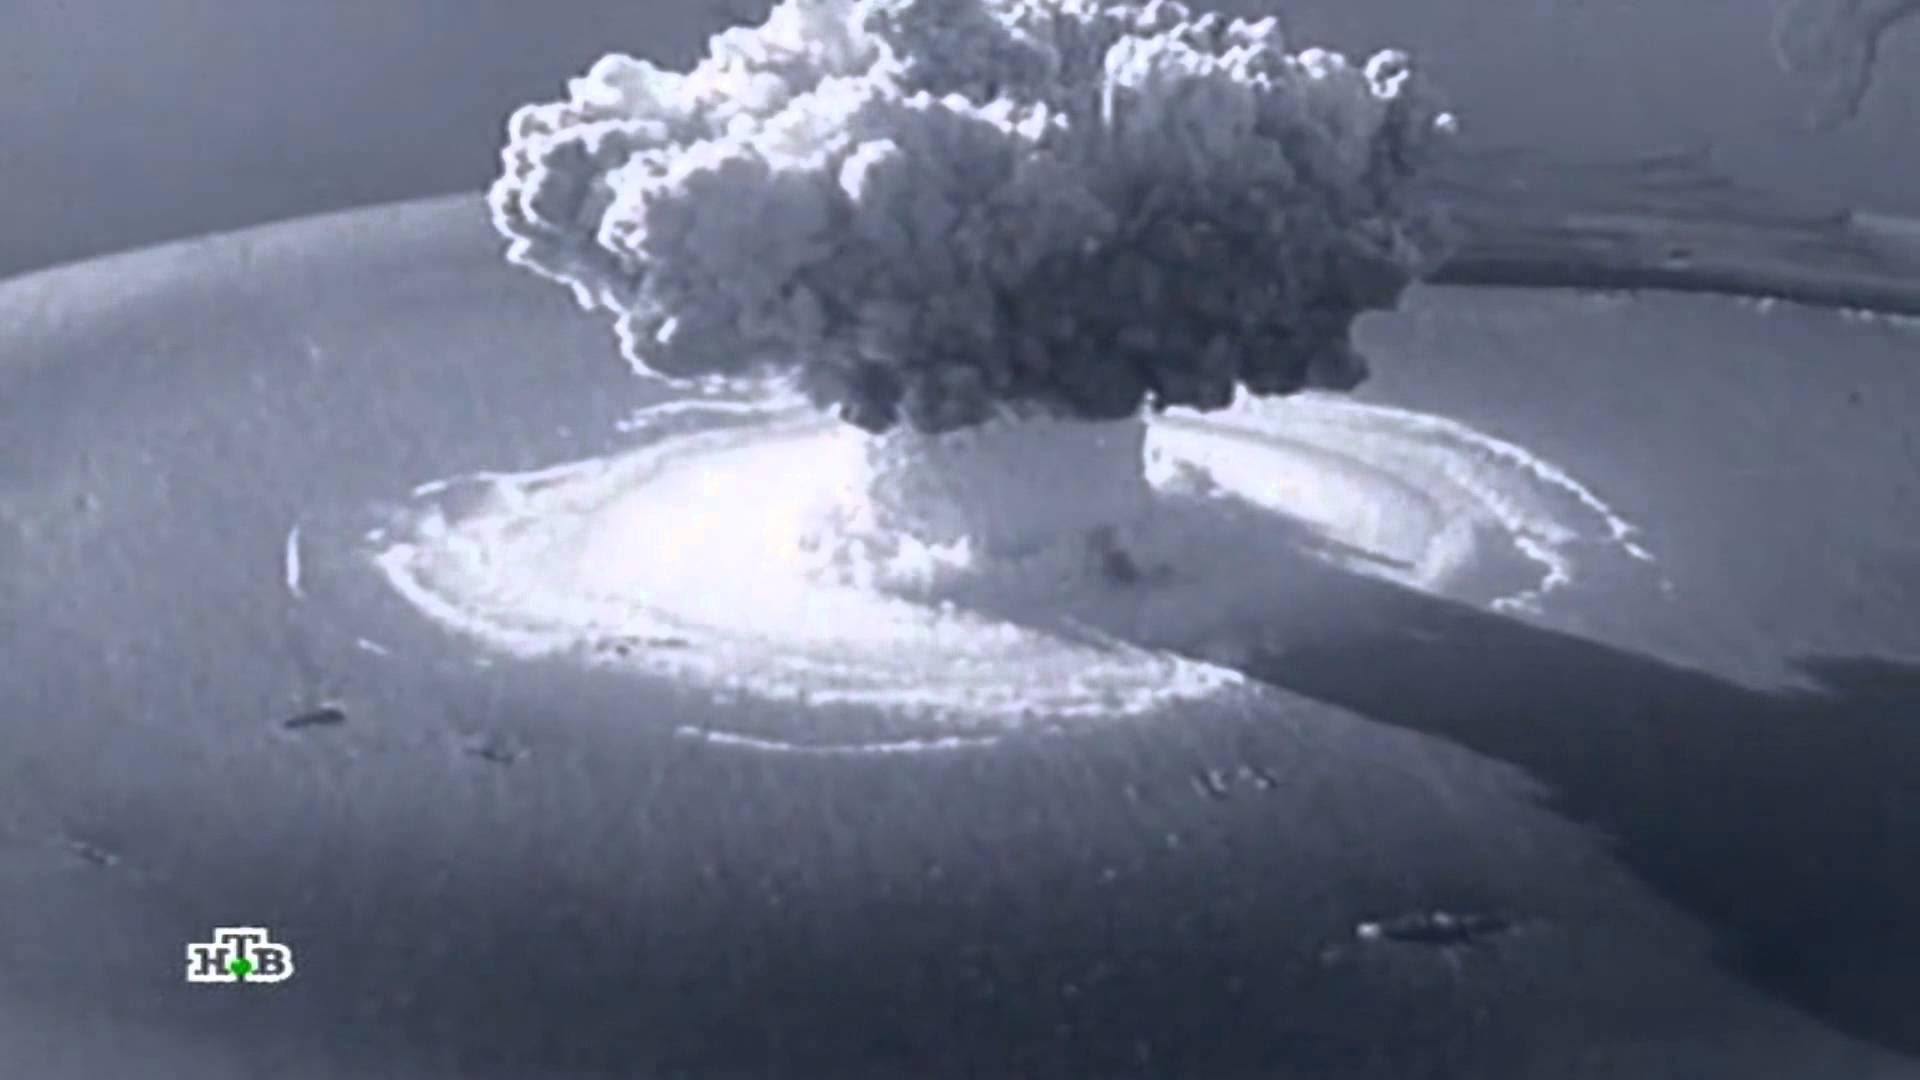 tremblement de terre Zemble, Zemble séisme février 2017, Zemble séisme février 2017 essai nucléaire